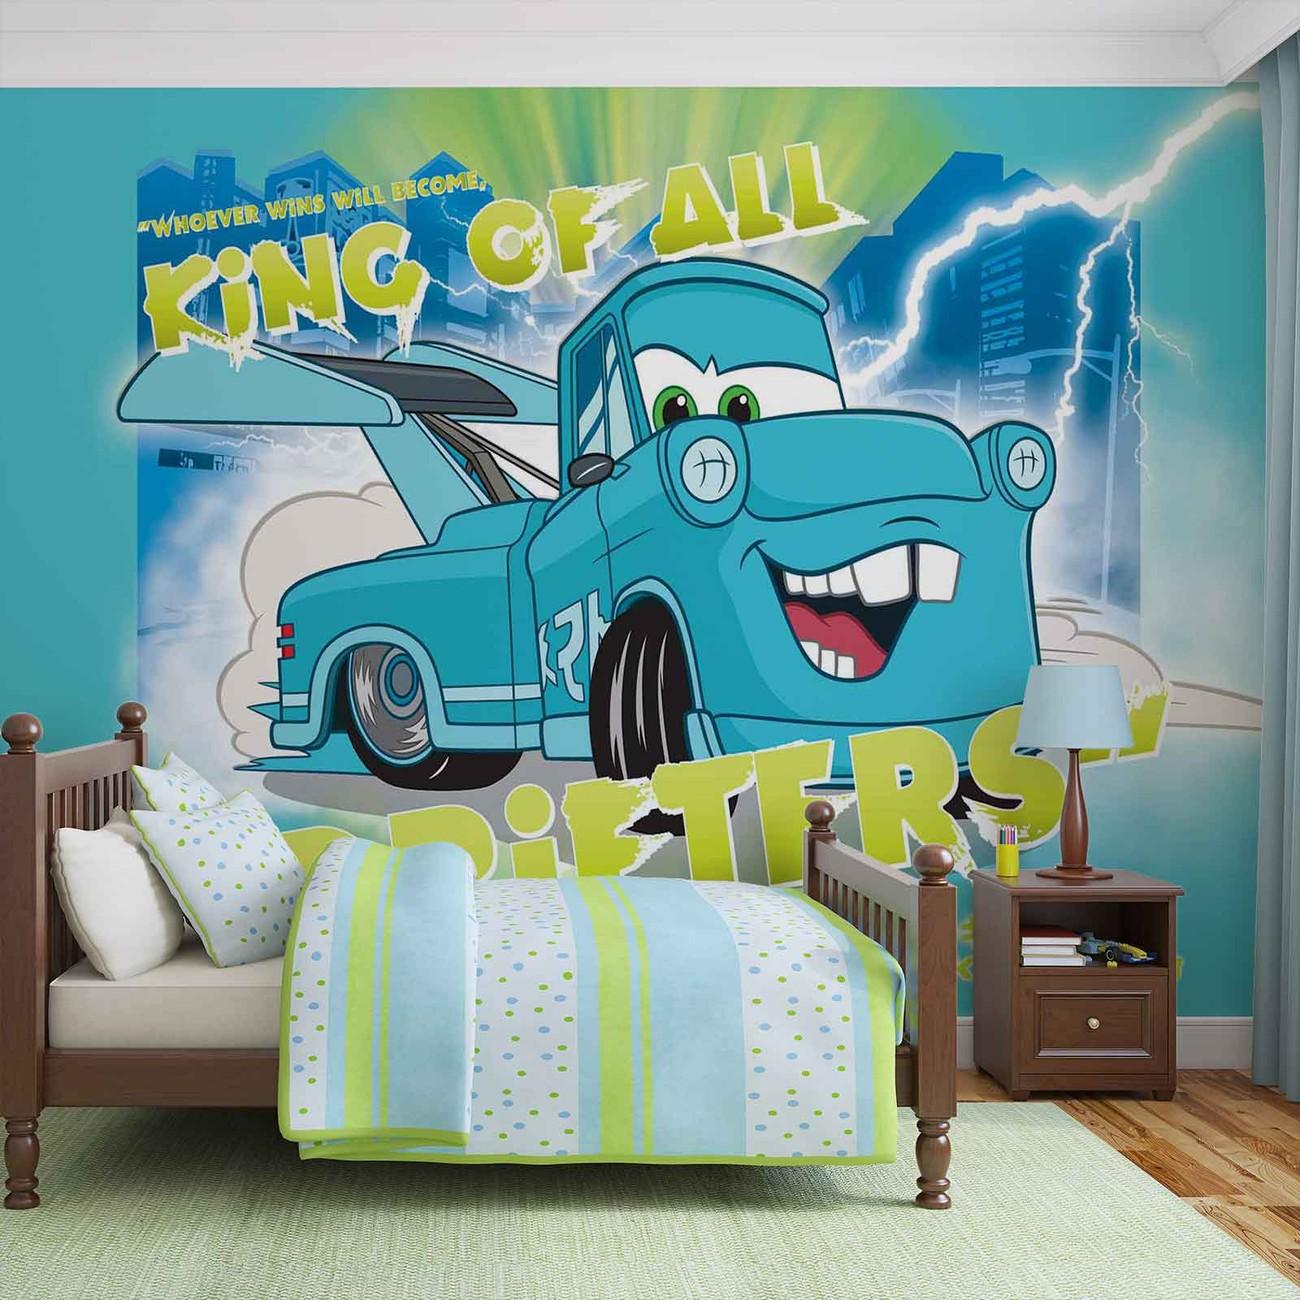 Disney cars wall paper mural buy at europosters for Disney cars wall mural uk